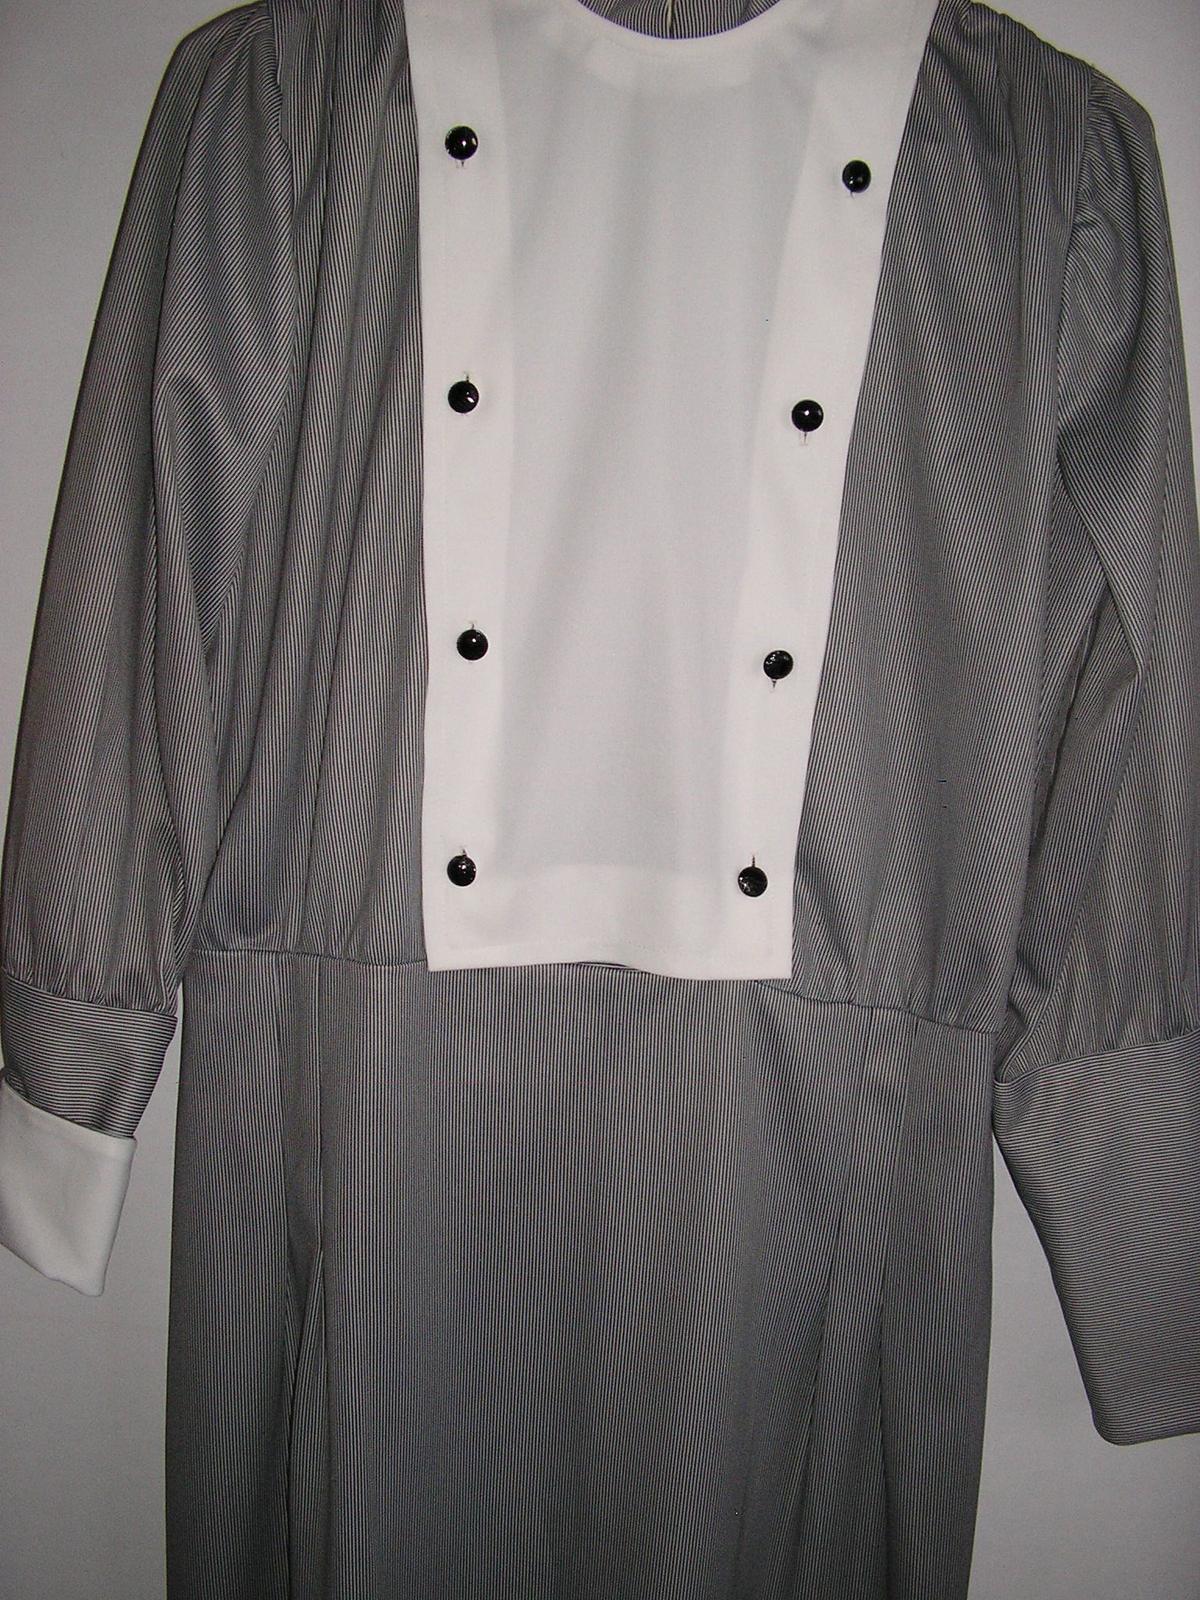 711. Dámske šaty - Obrázok č. 1